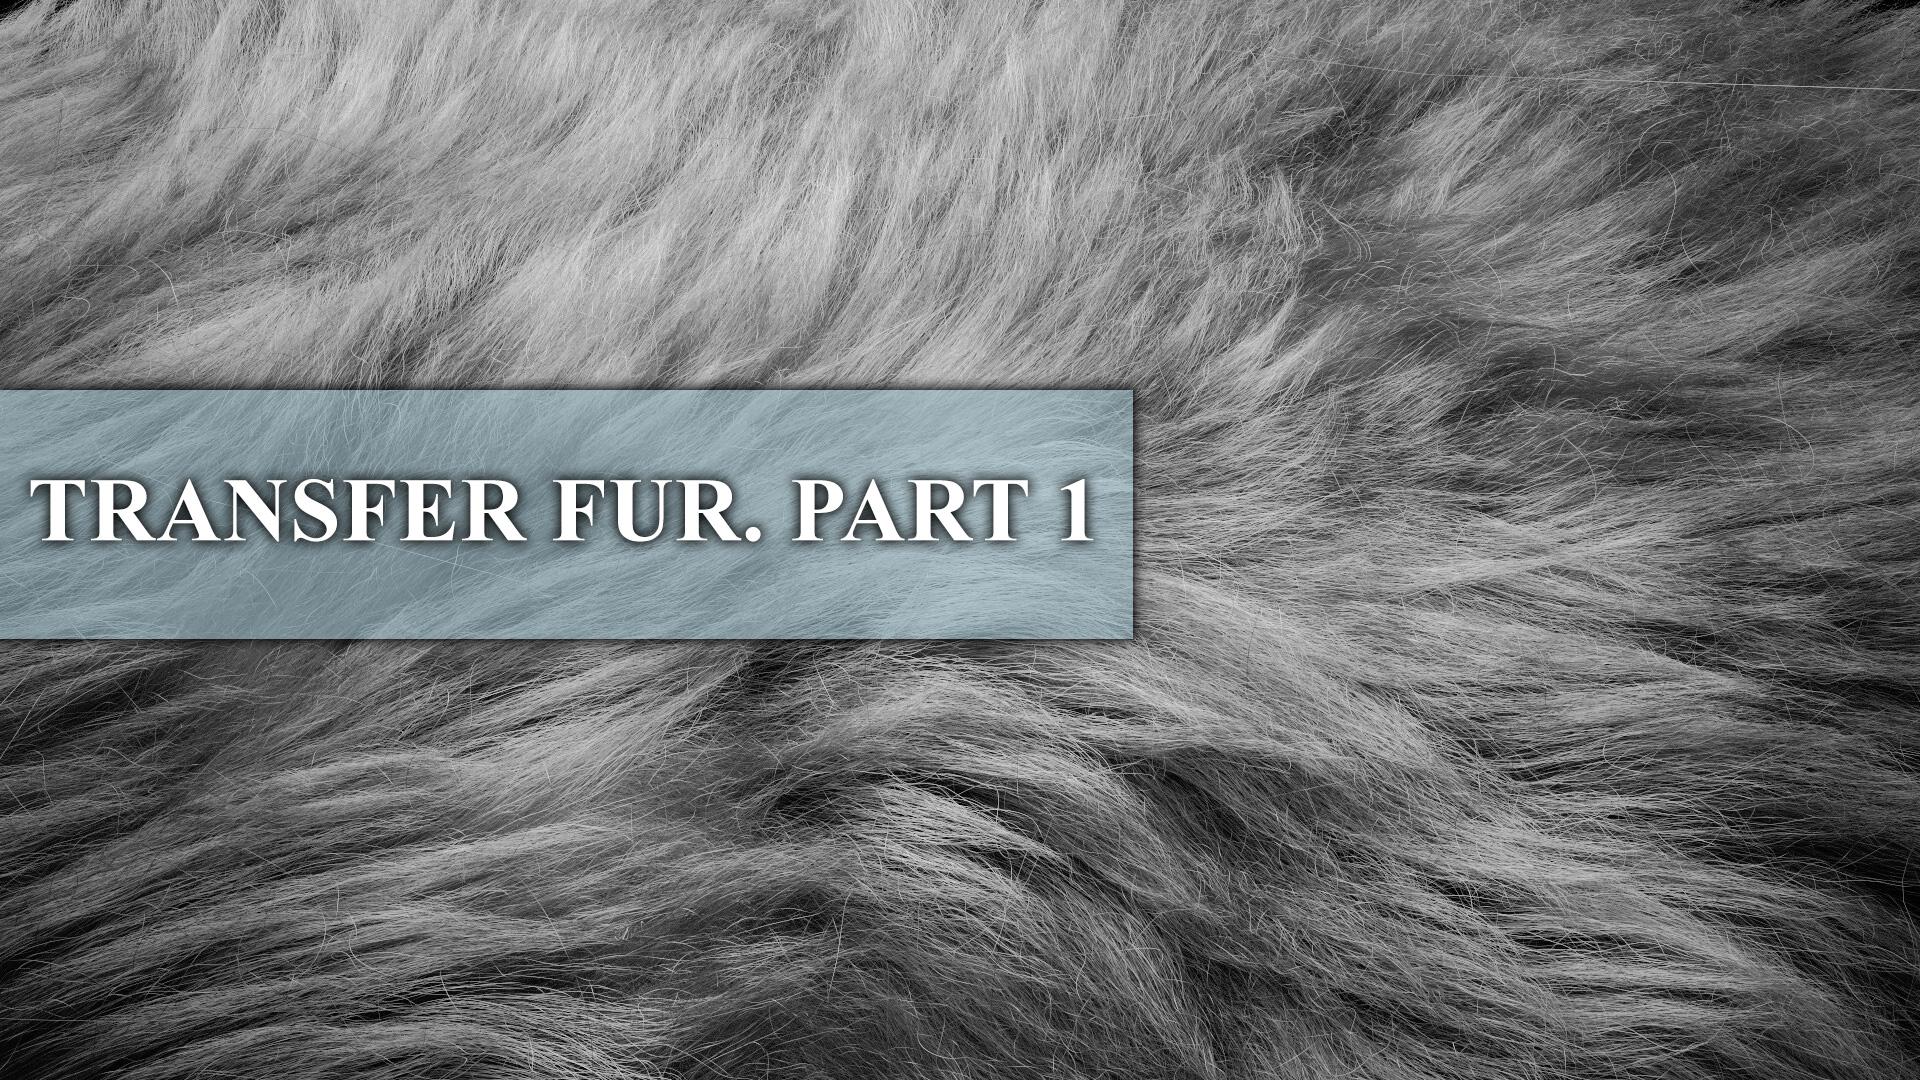 TRANSFER_FUR_PART1_YOUTUBE.jpg